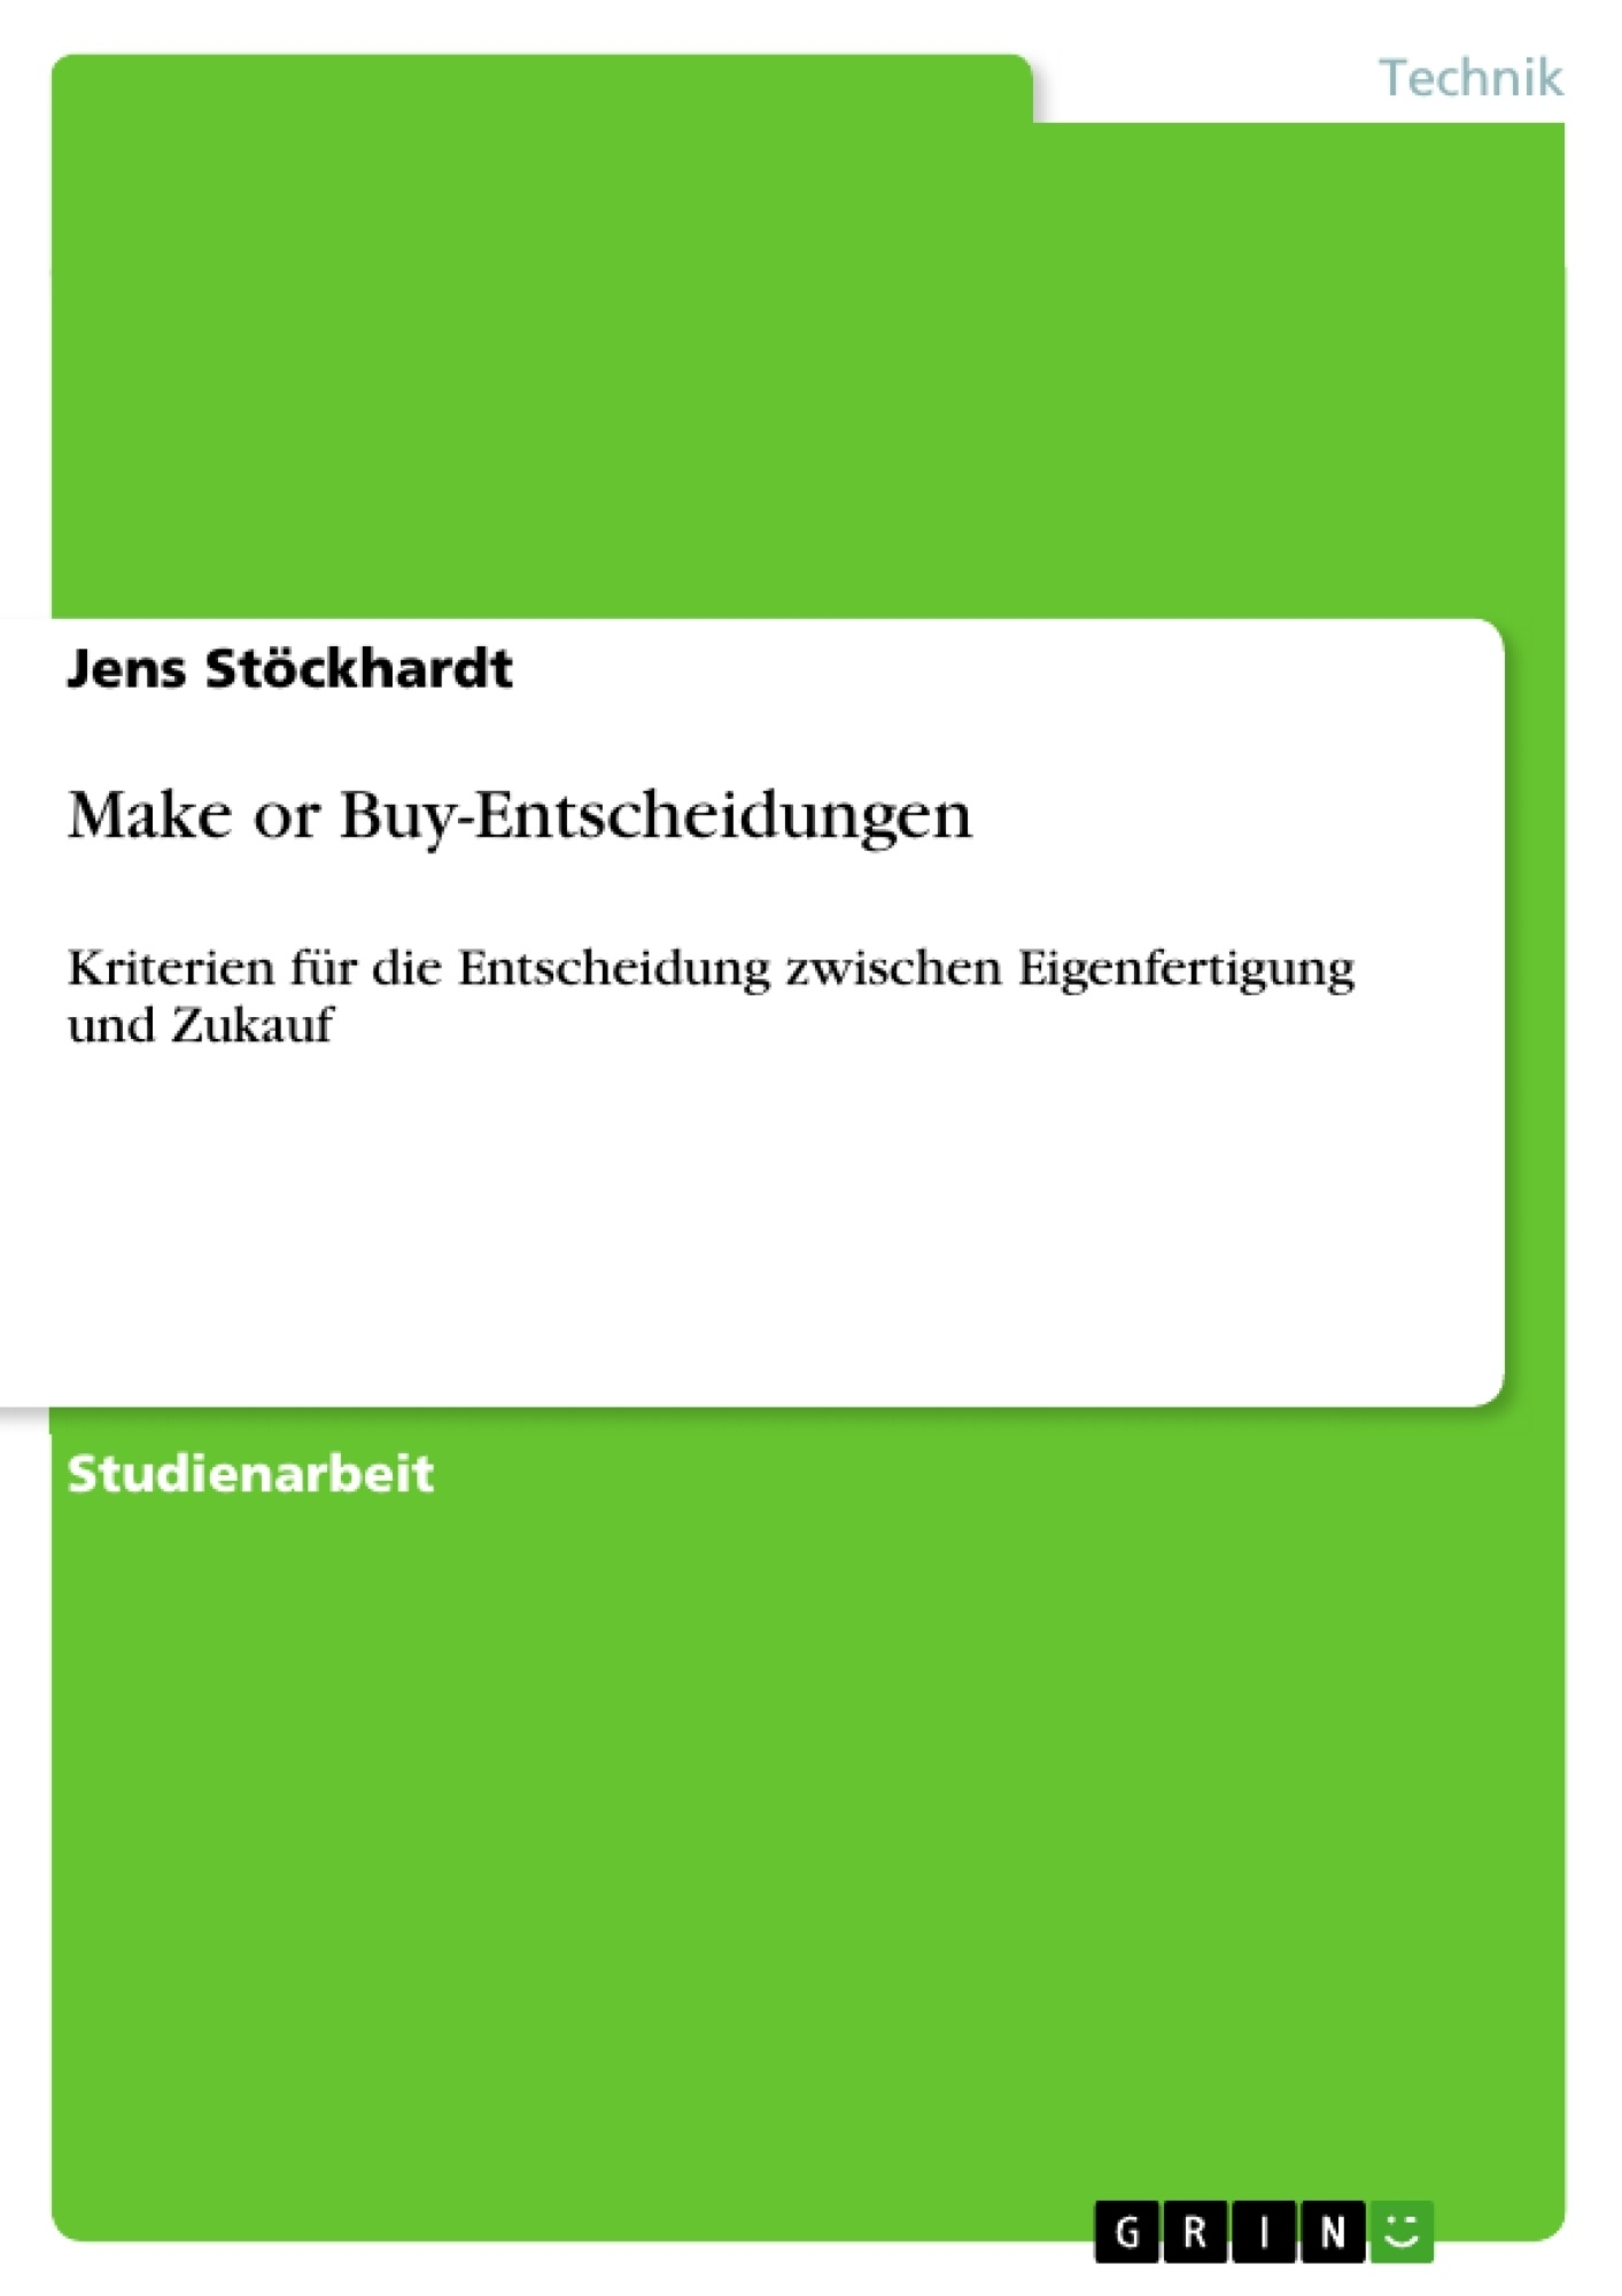 Titel: Make or Buy-Entscheidungen